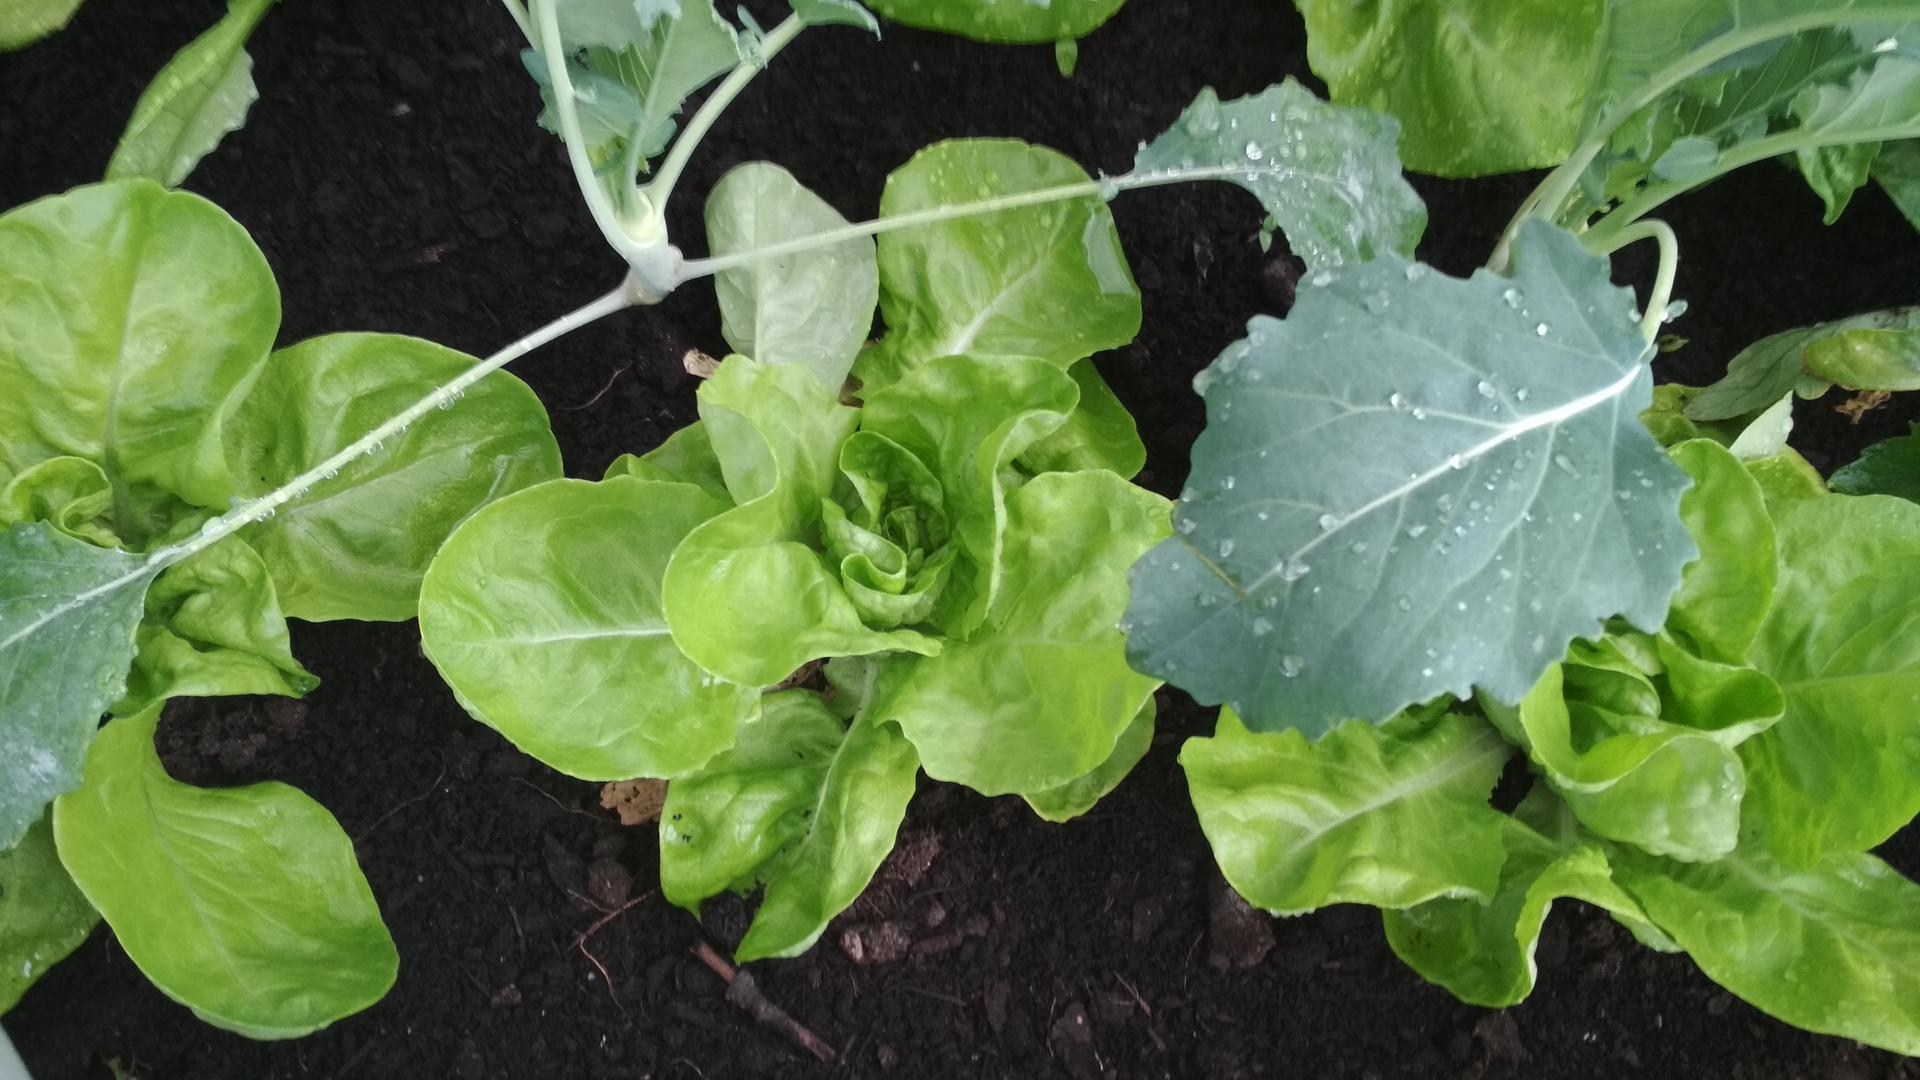 Vyvýšené záhony a úžitková záhrada - sezóna 2021 ... príprava, sadenie, starostlivosť - Obrázok č. 41